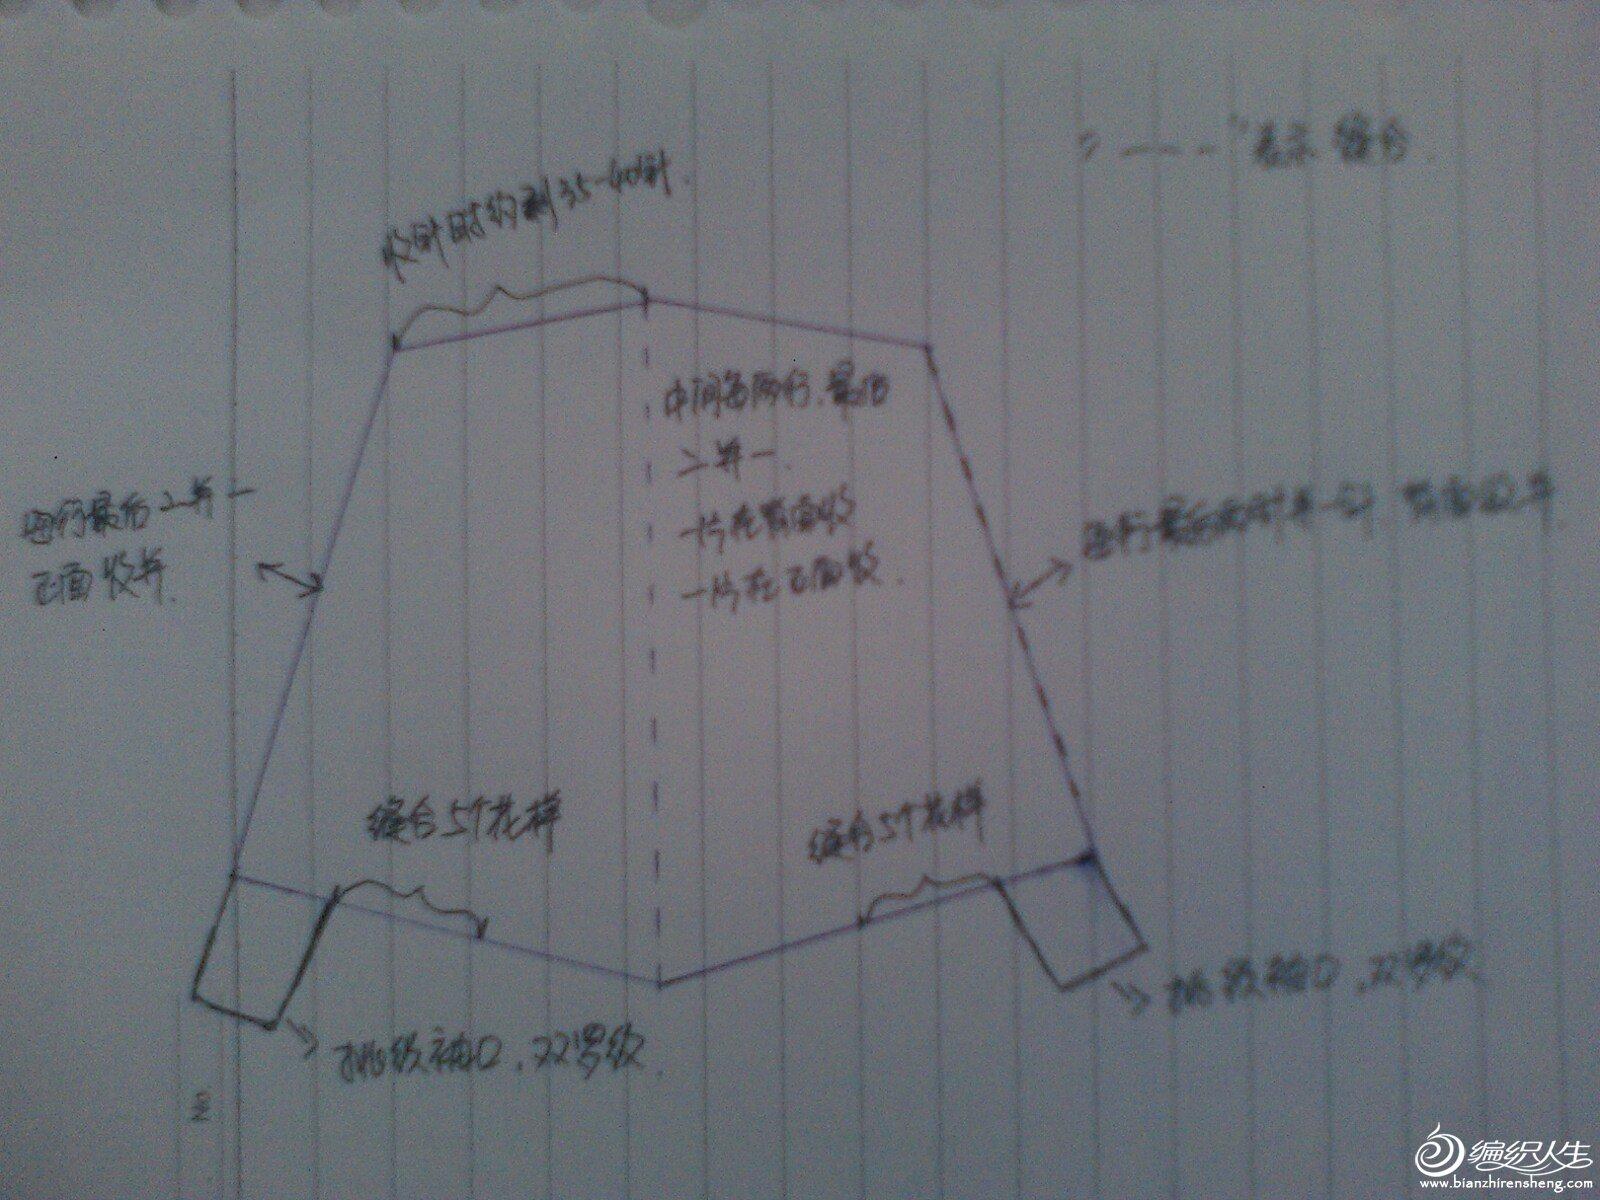 衣服尺寸样图.jpg